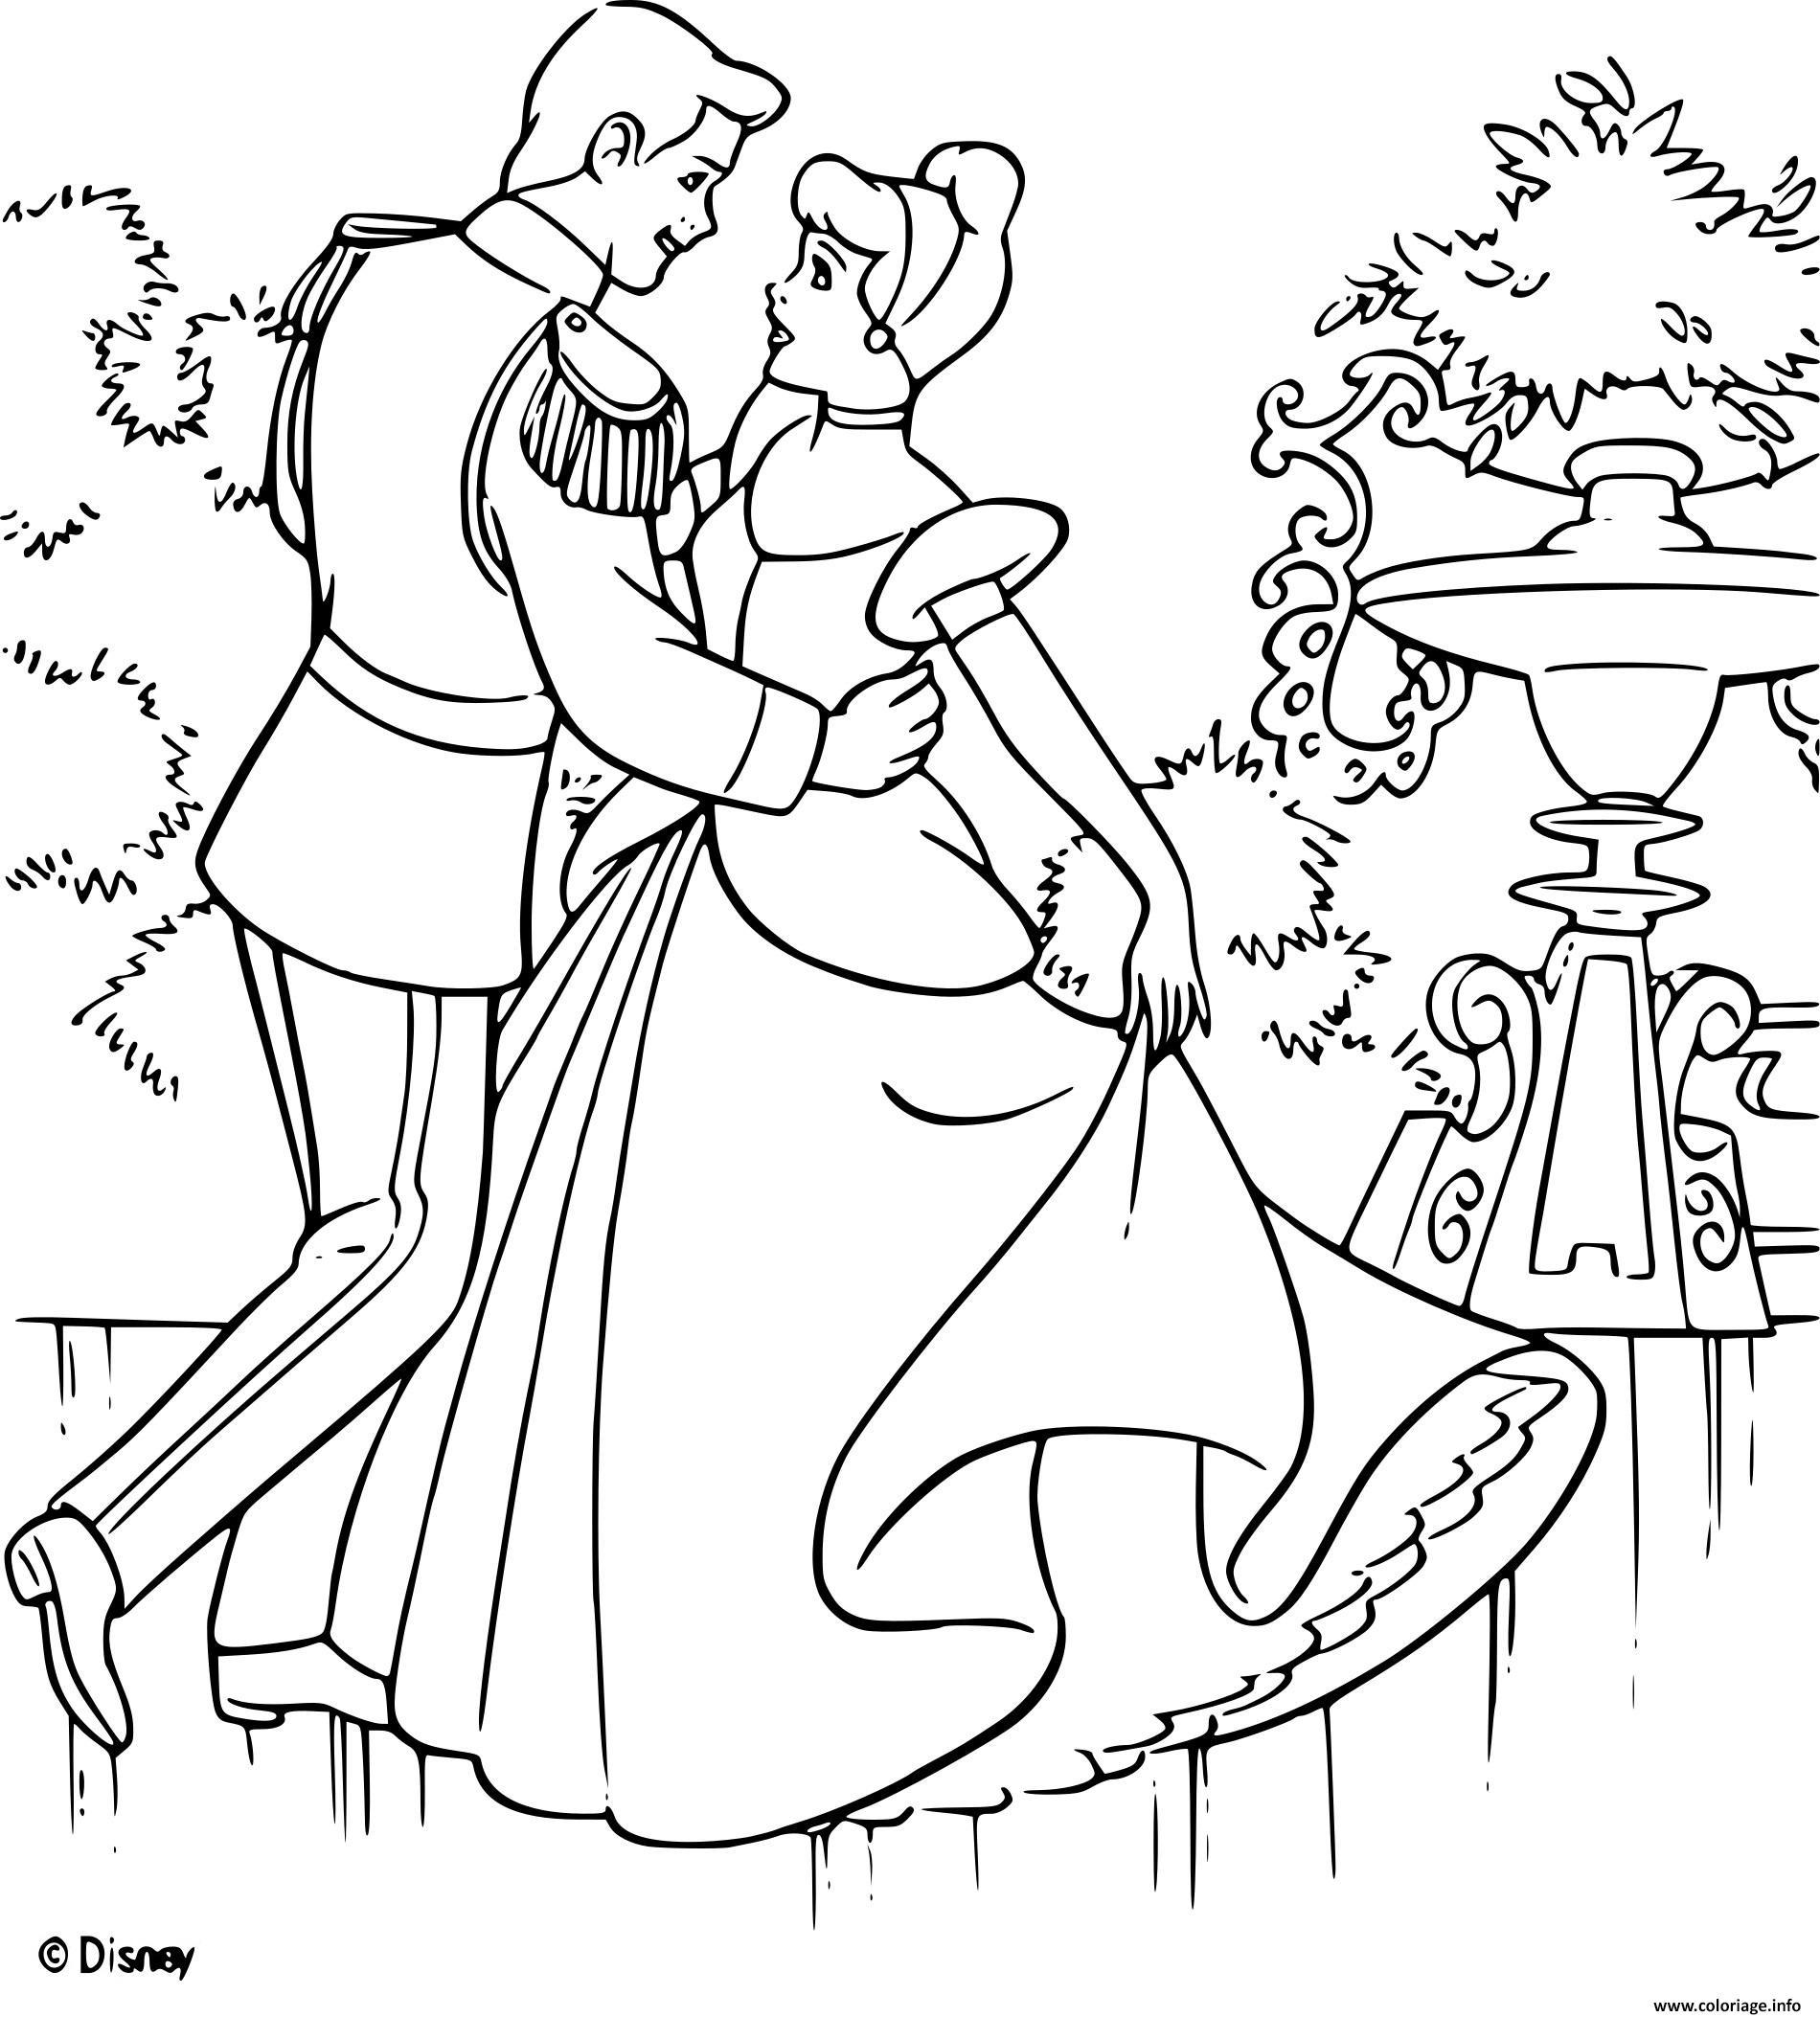 Coloriage Cendrillon 2 Une Vie De Princesse Disney Dessin intérieur Cendrillon À Colorier